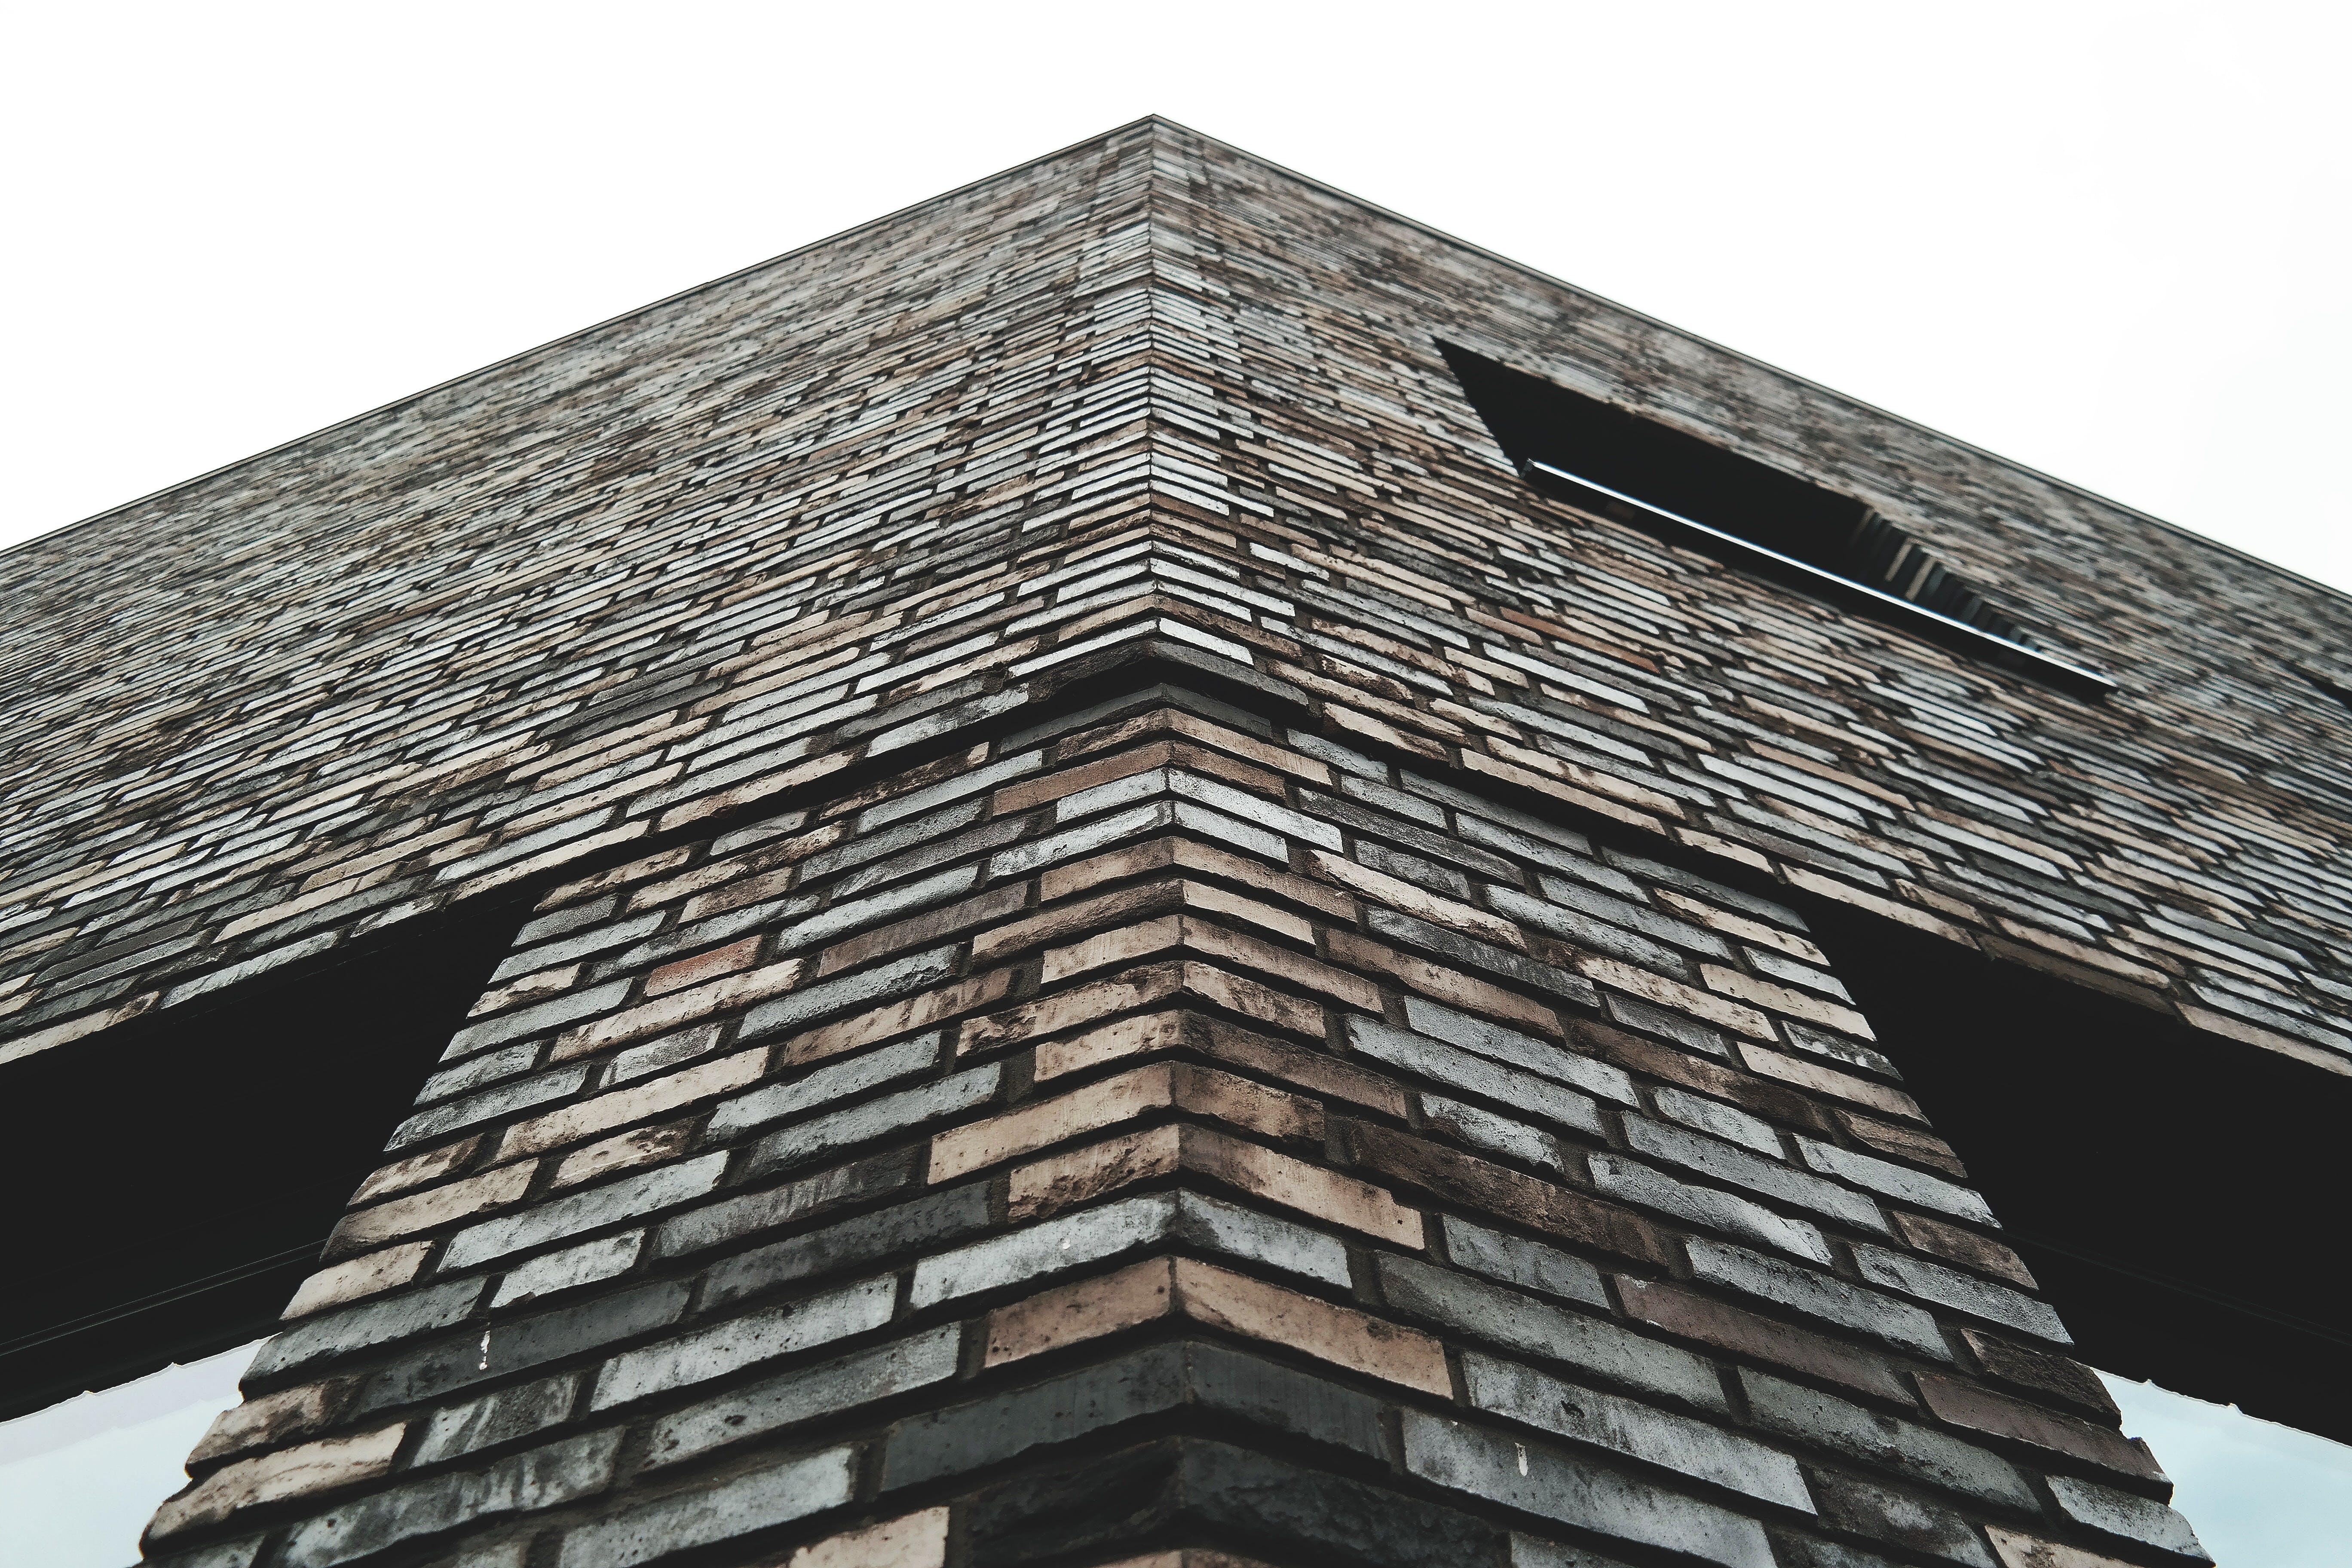 Základová fotografie zdarma na téma architektonický návrh, architektura, budova, cihly